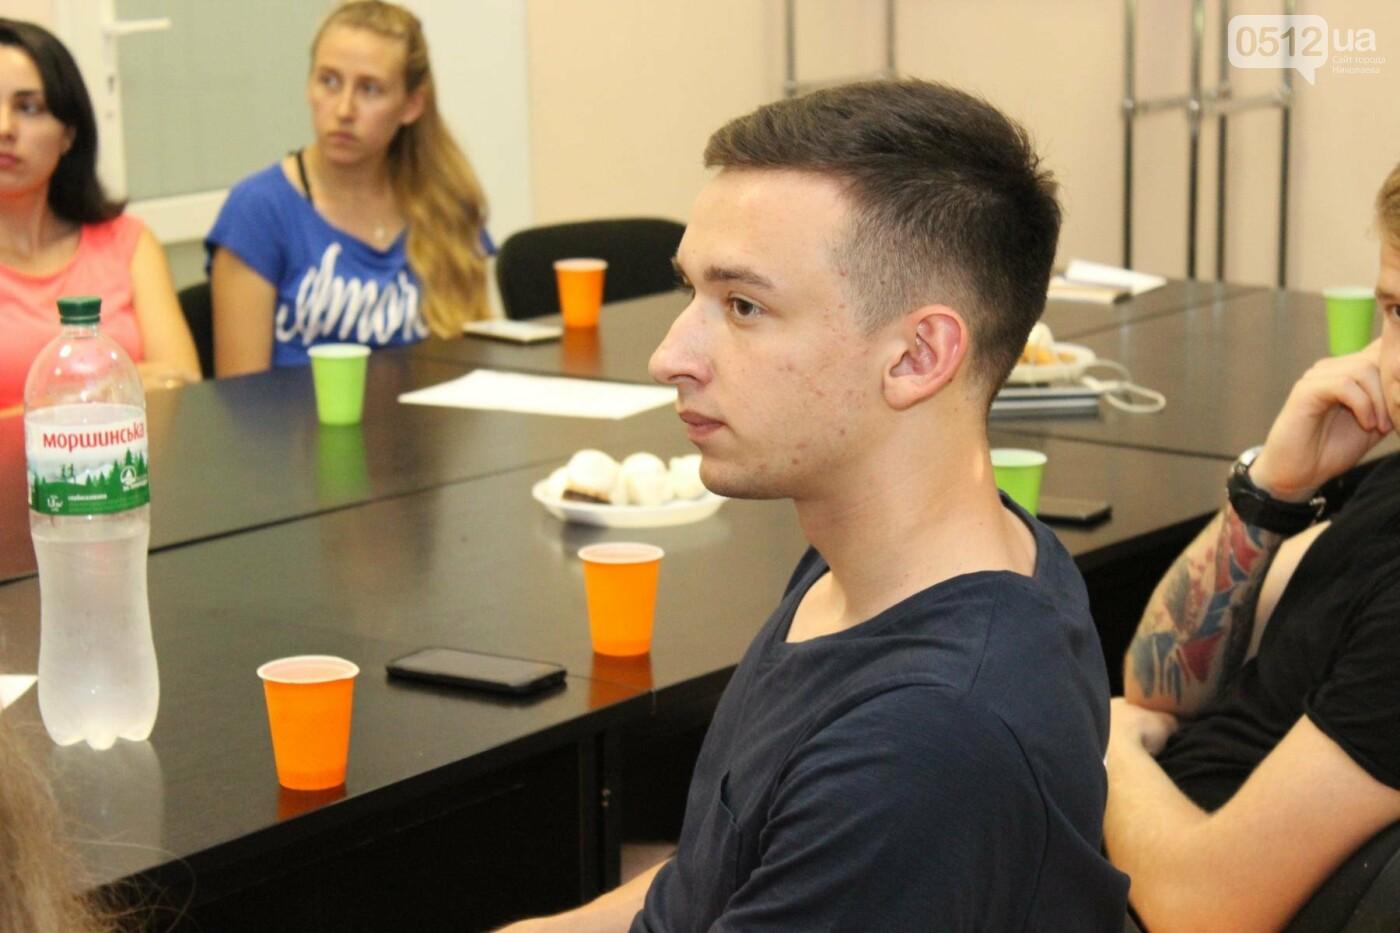 Николаевской молодежи рассказали о важности политической образованности, - ФОТО, фото-12